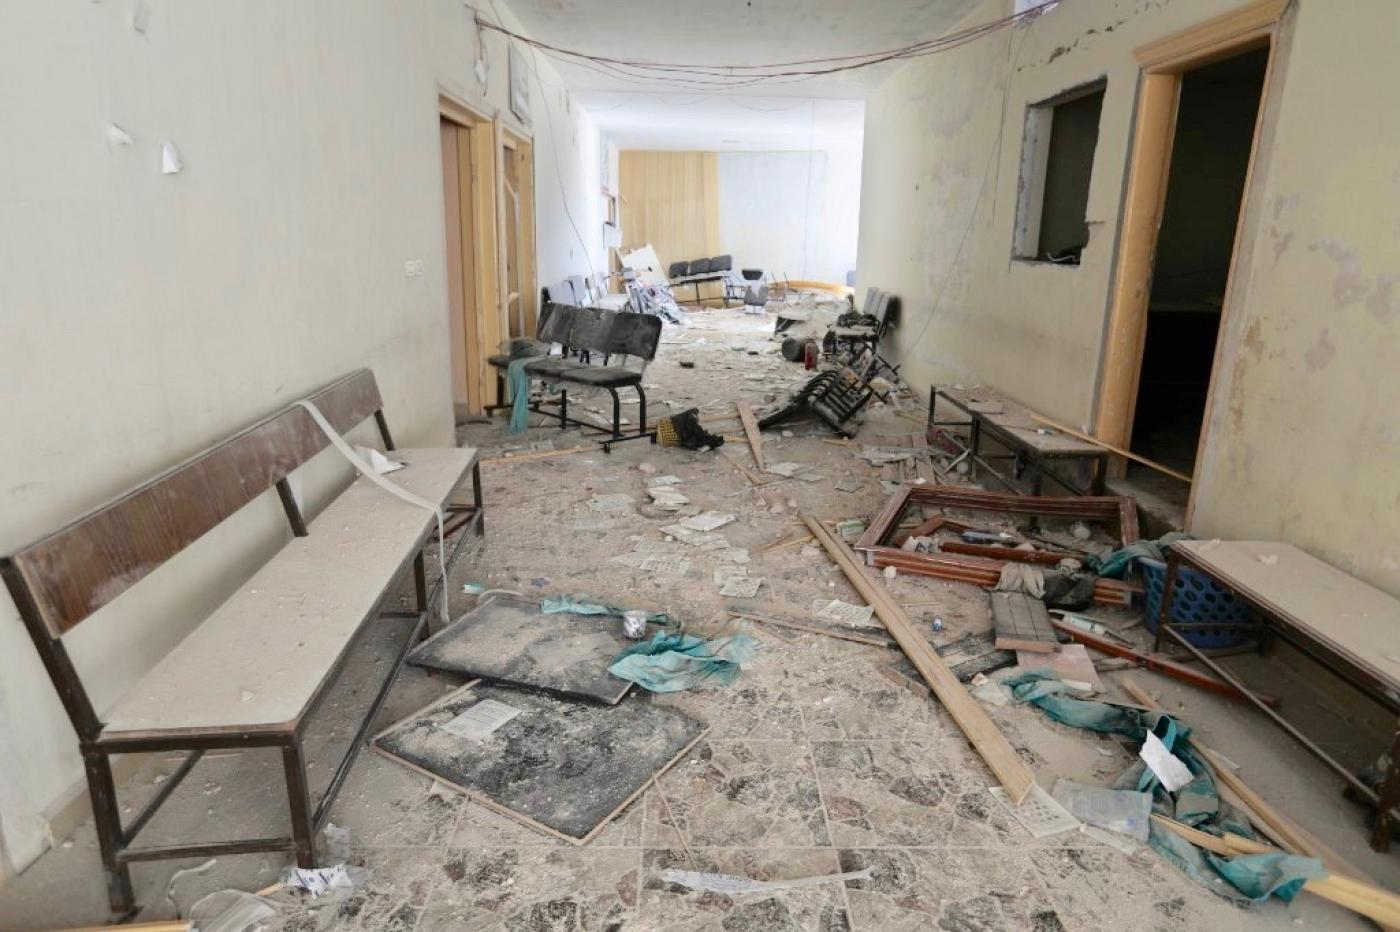 مستشفى في إدلب تضرر نتيجة الغارات الروسية